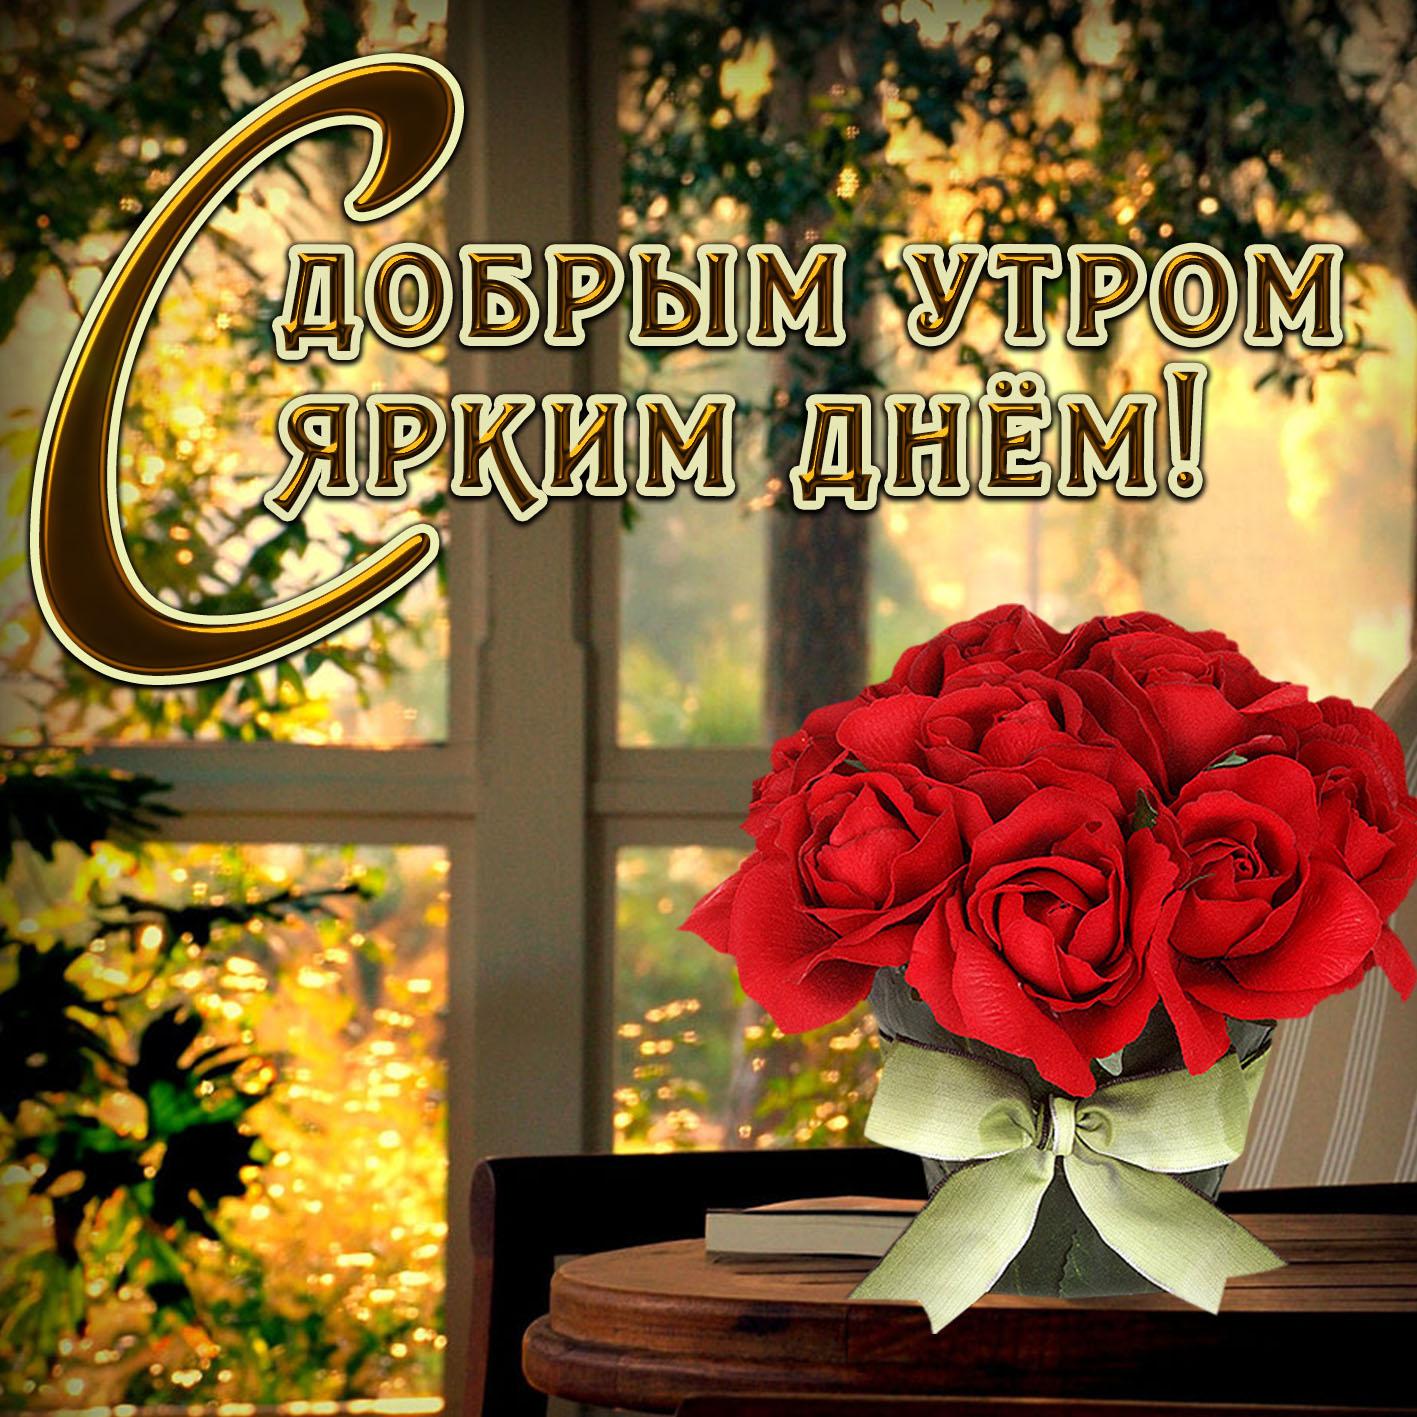 Открытка доброе утро с букетом красных роз на столе